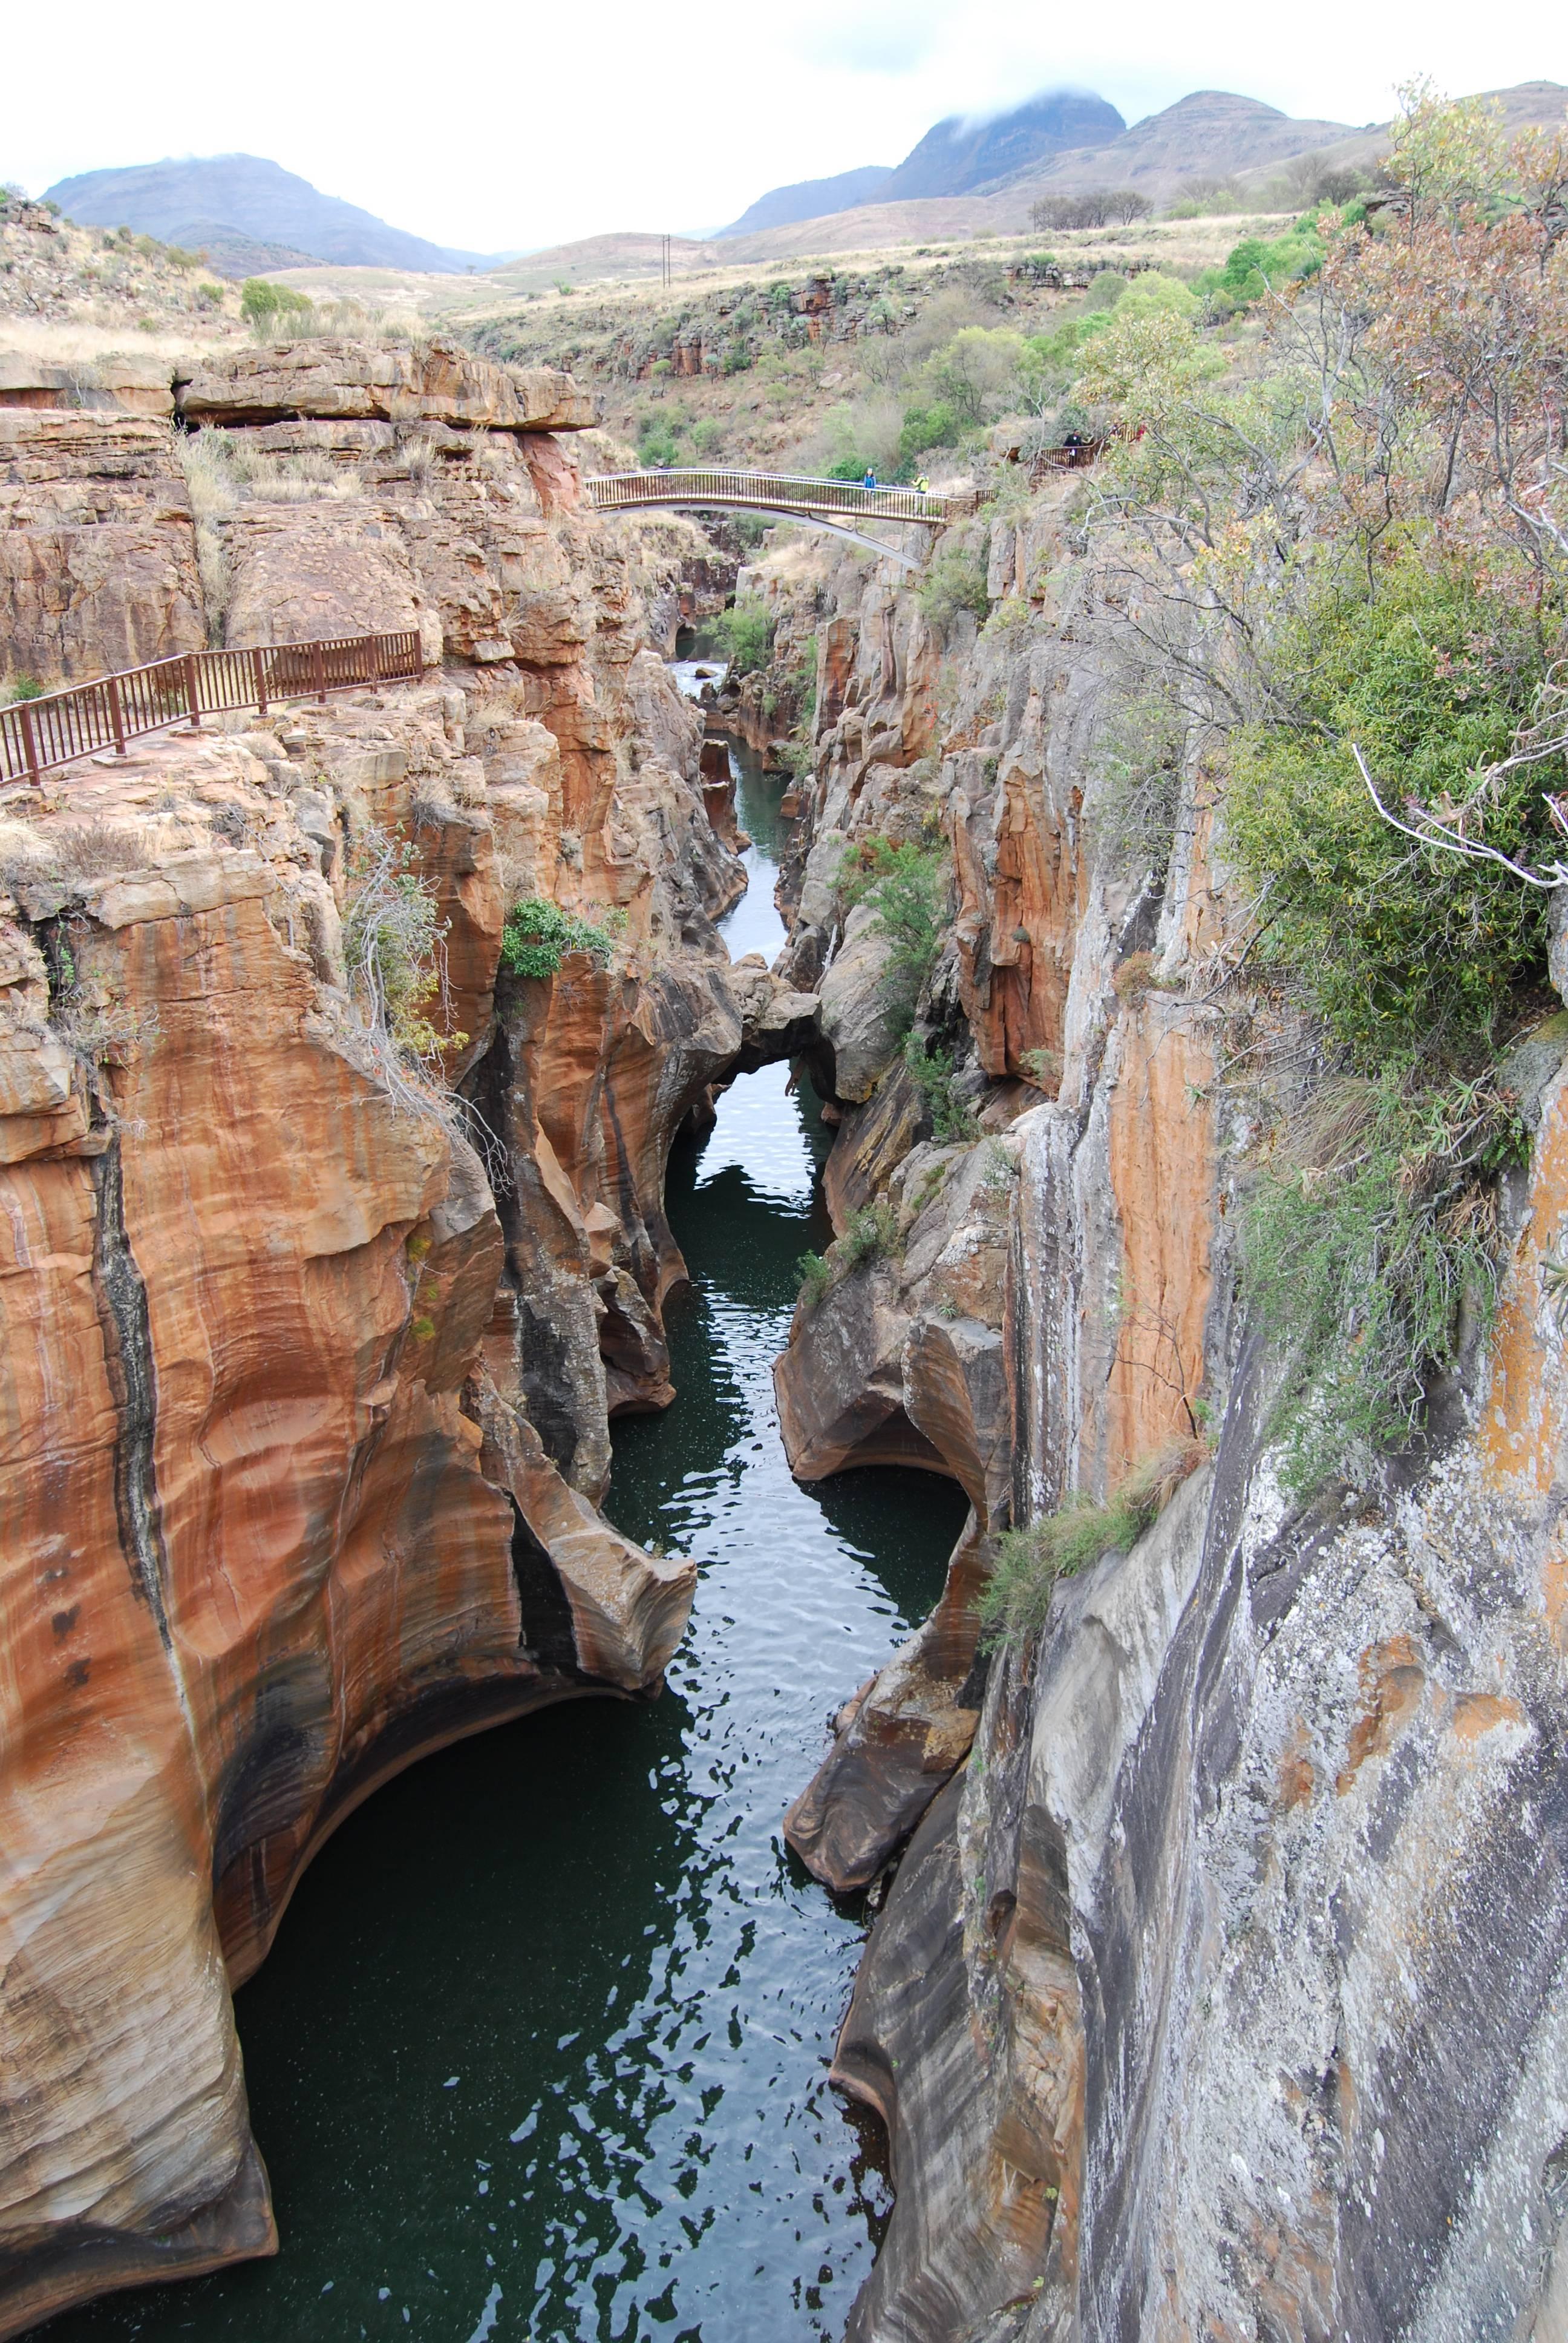 Photo 2: Blyde River Canyon, même sous la pluie